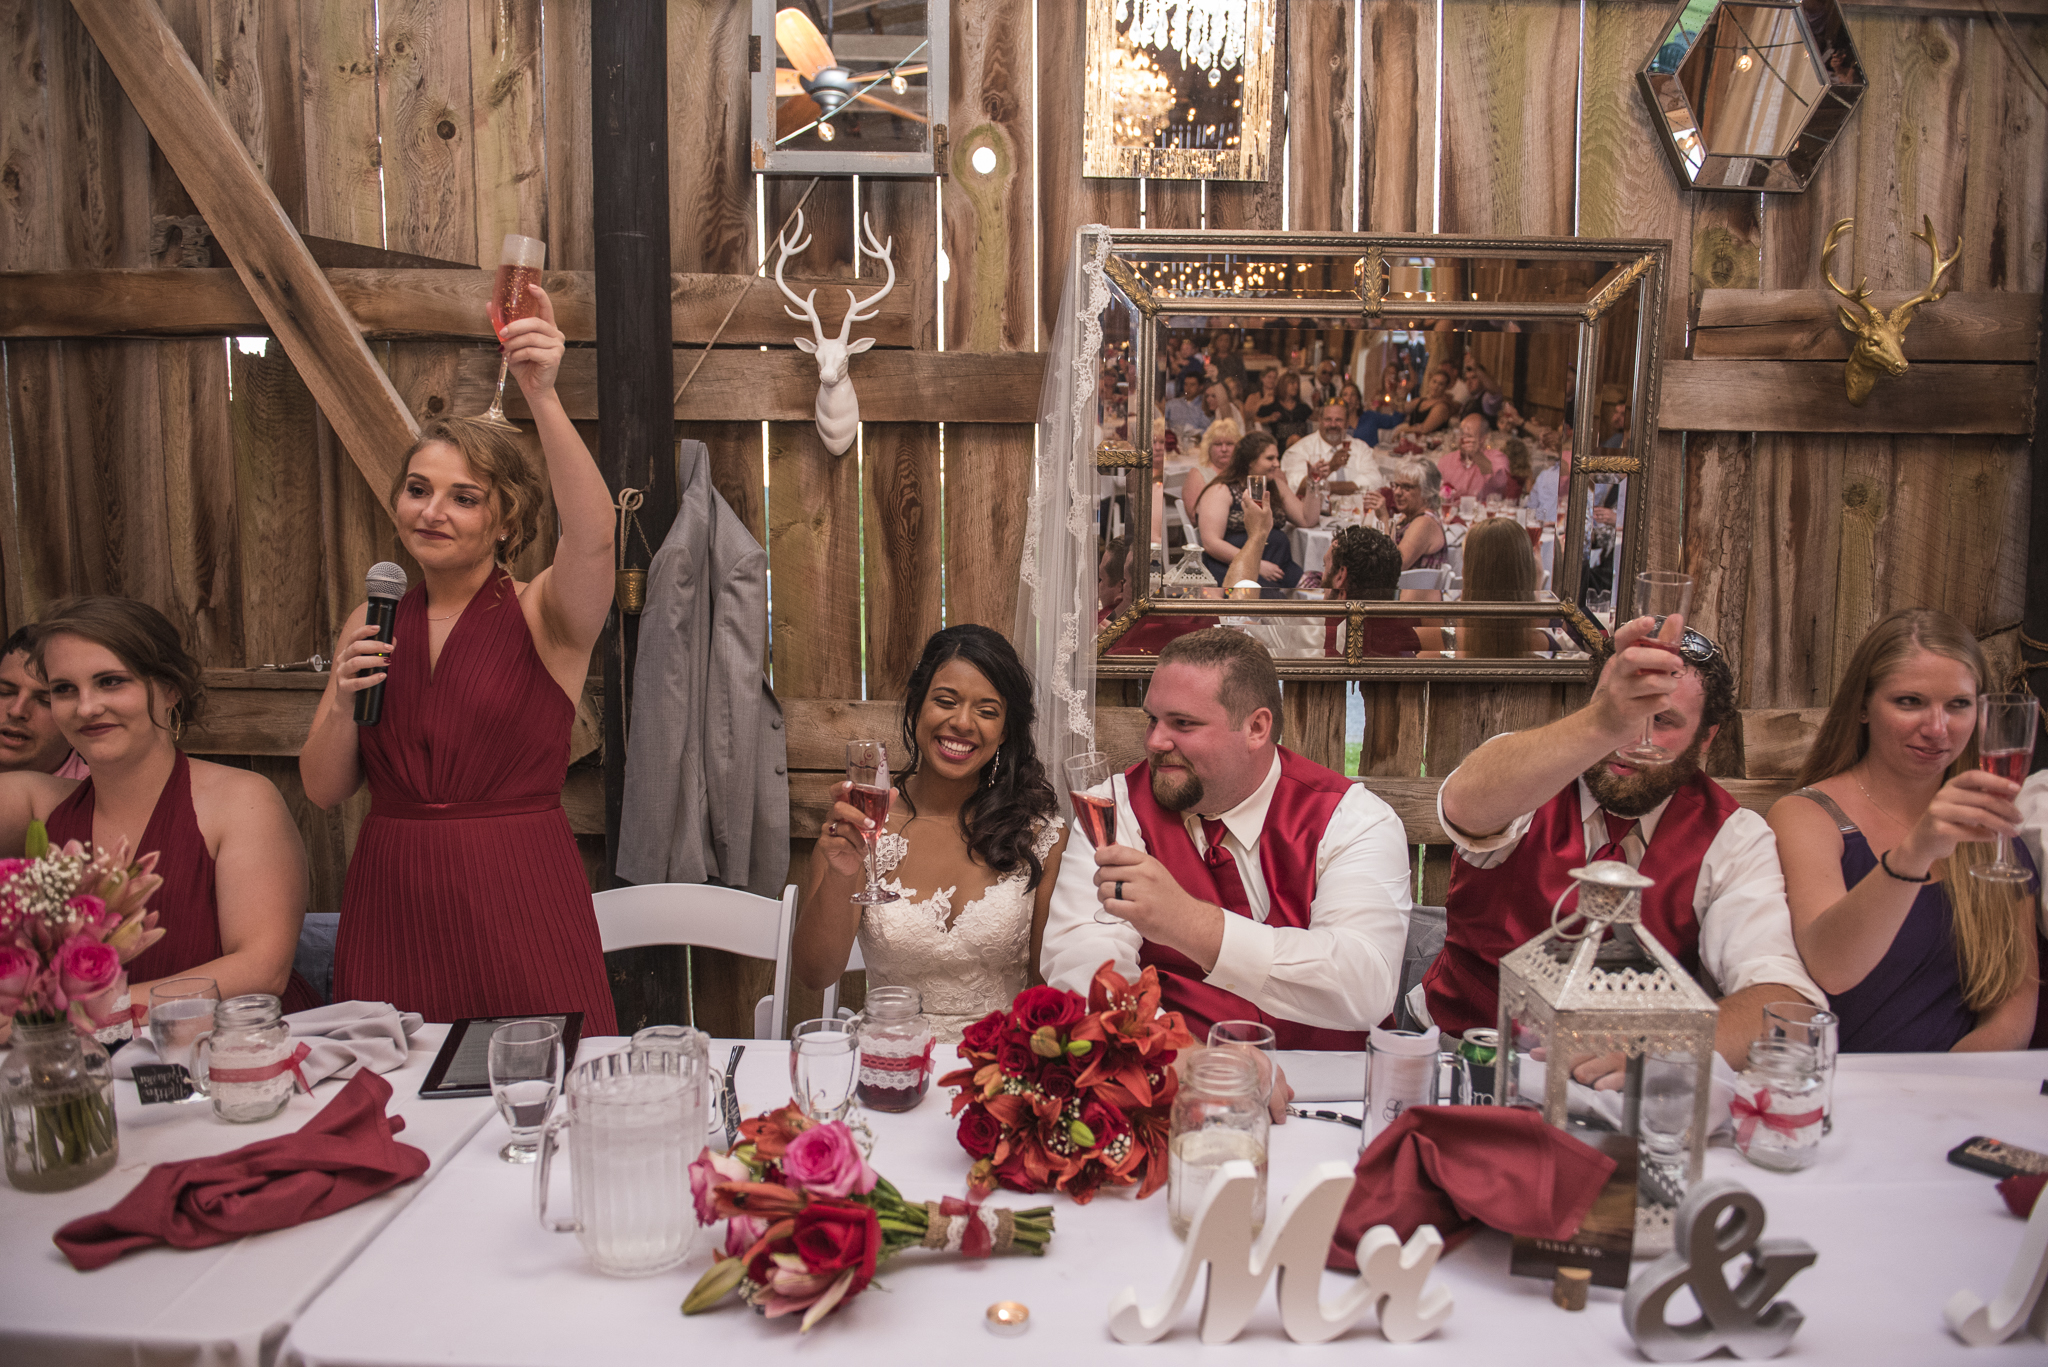 Elaine-Justin-Wedding-Online-Reception-177.jpg